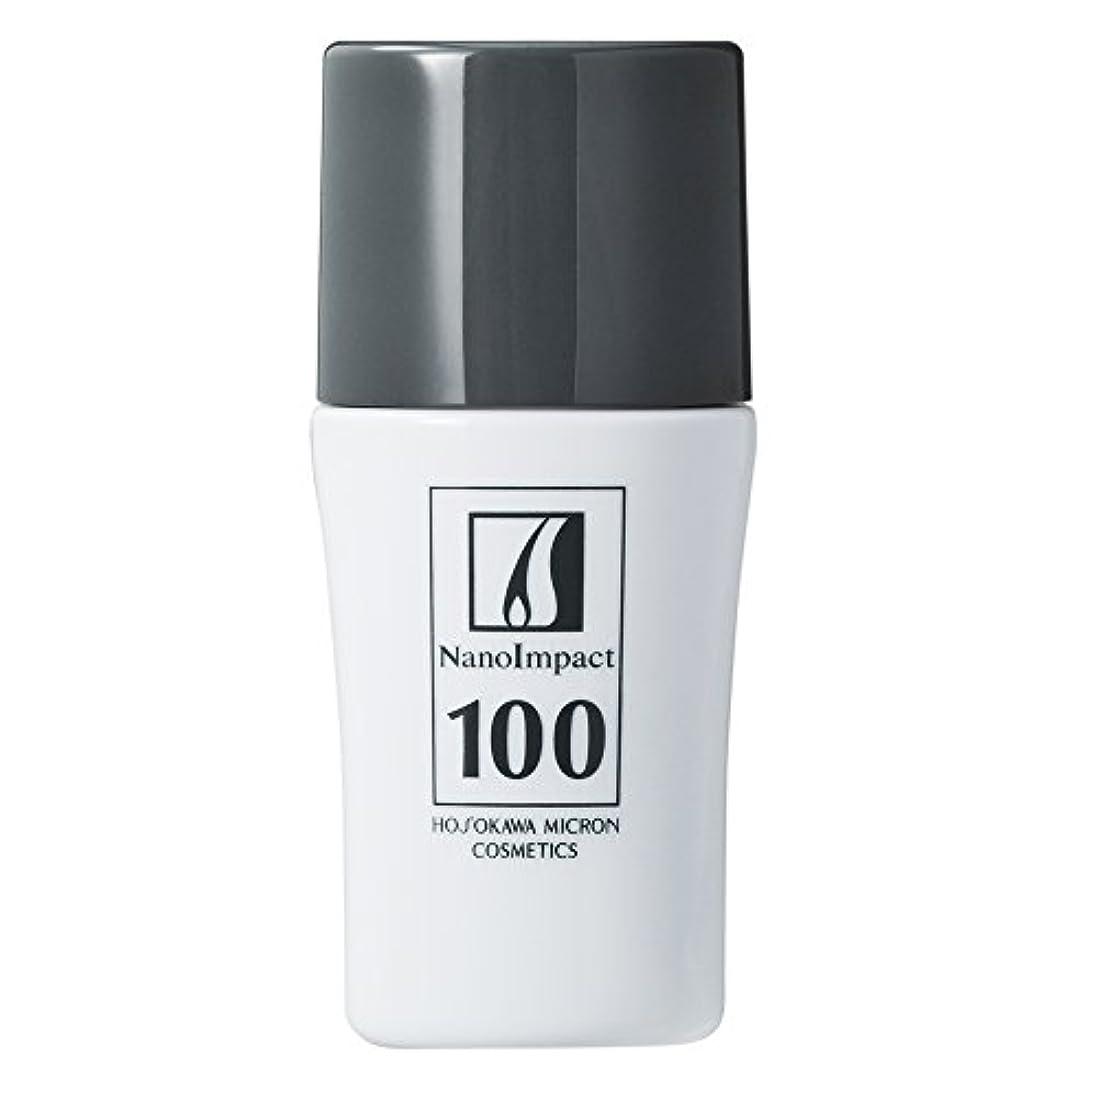 ワット材料慣れているホソカワミクロン化粧品 薬用ナノインパクト 100<60ml> 【医薬部外品/薬用育毛剤】